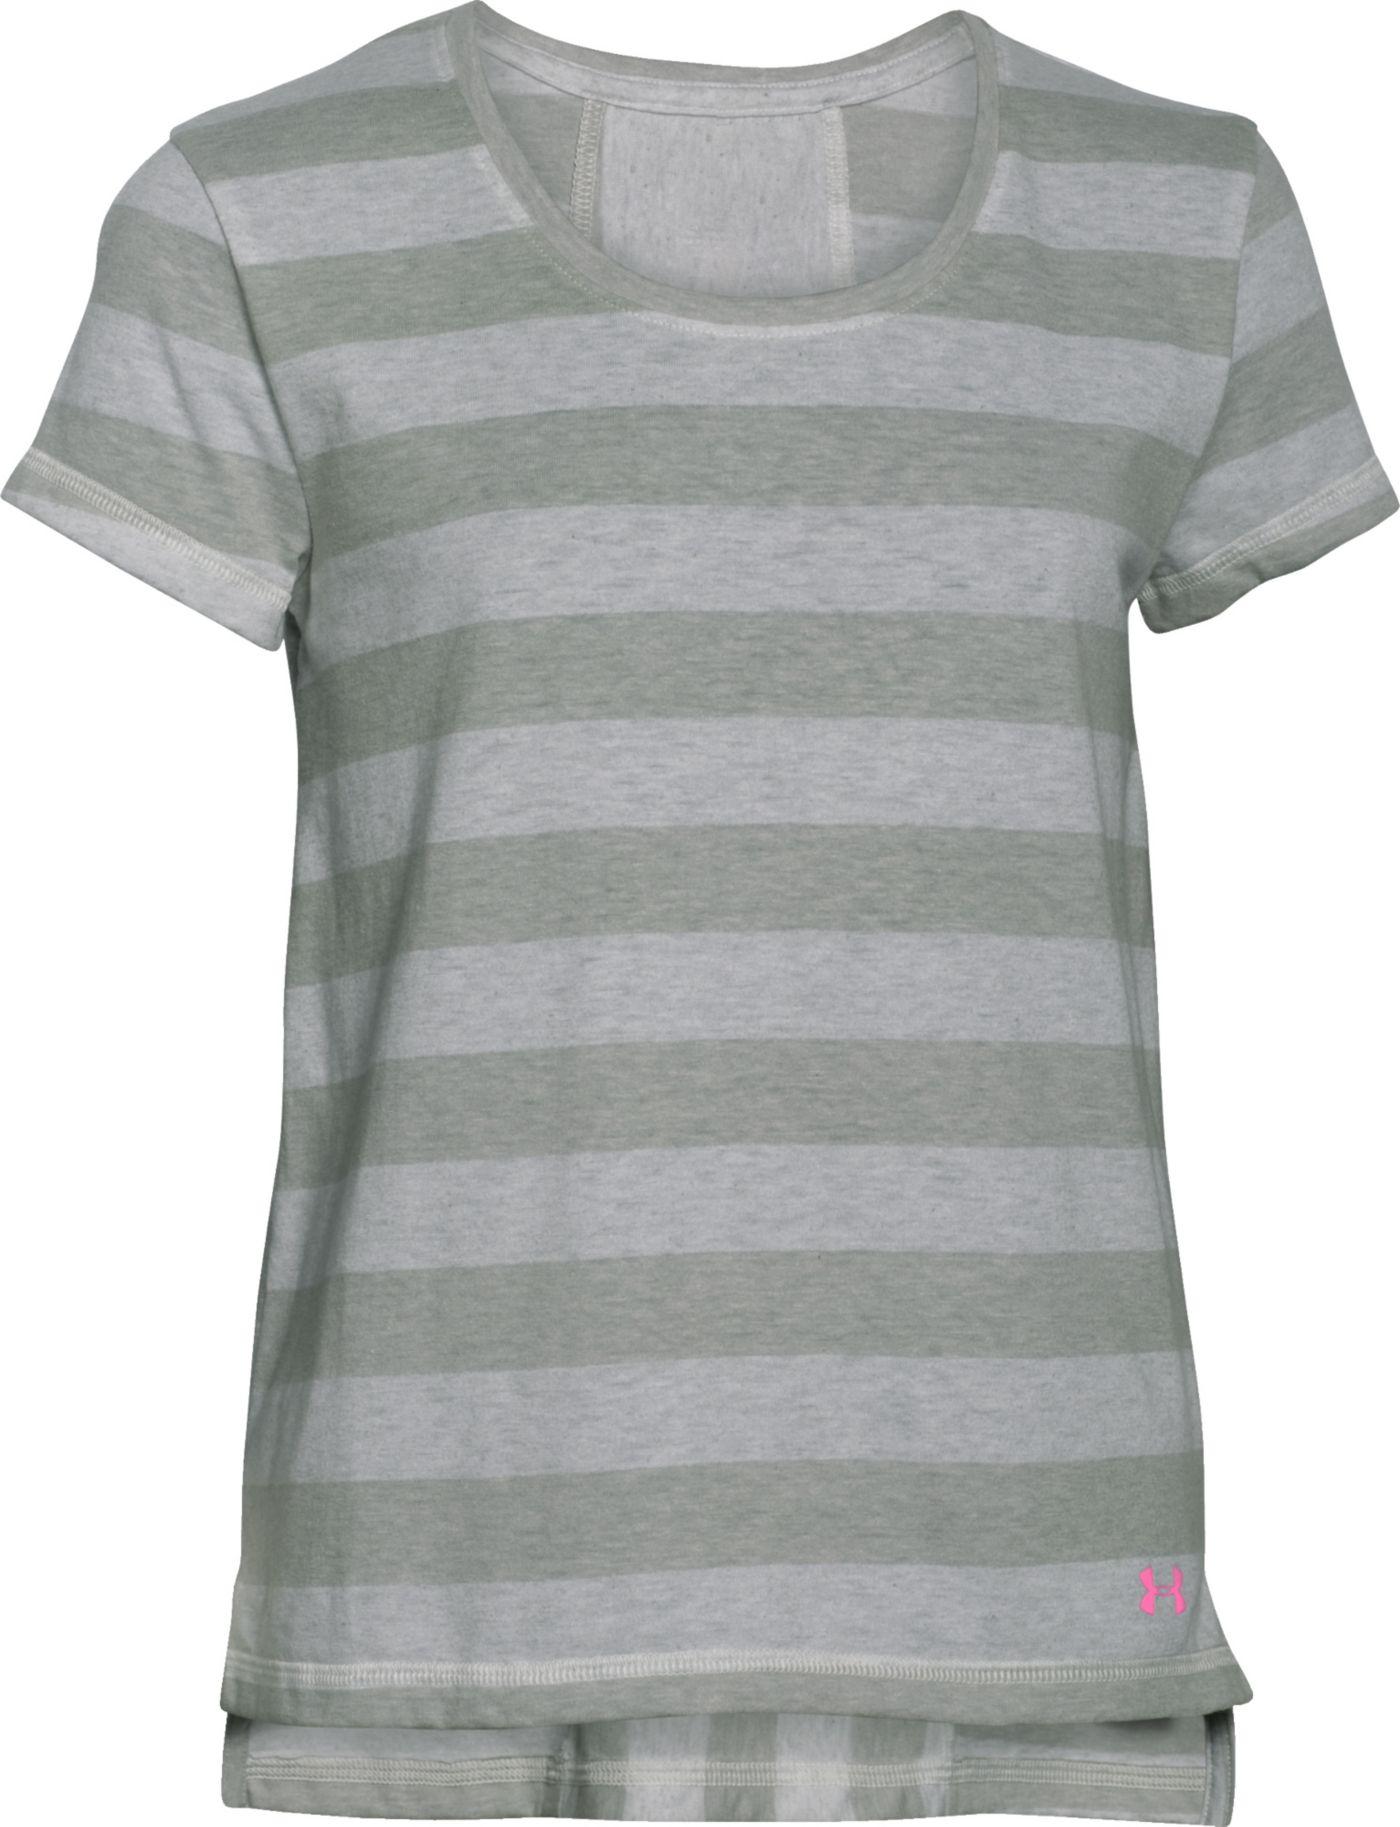 Under Armour Girls' Finale T-Shirt